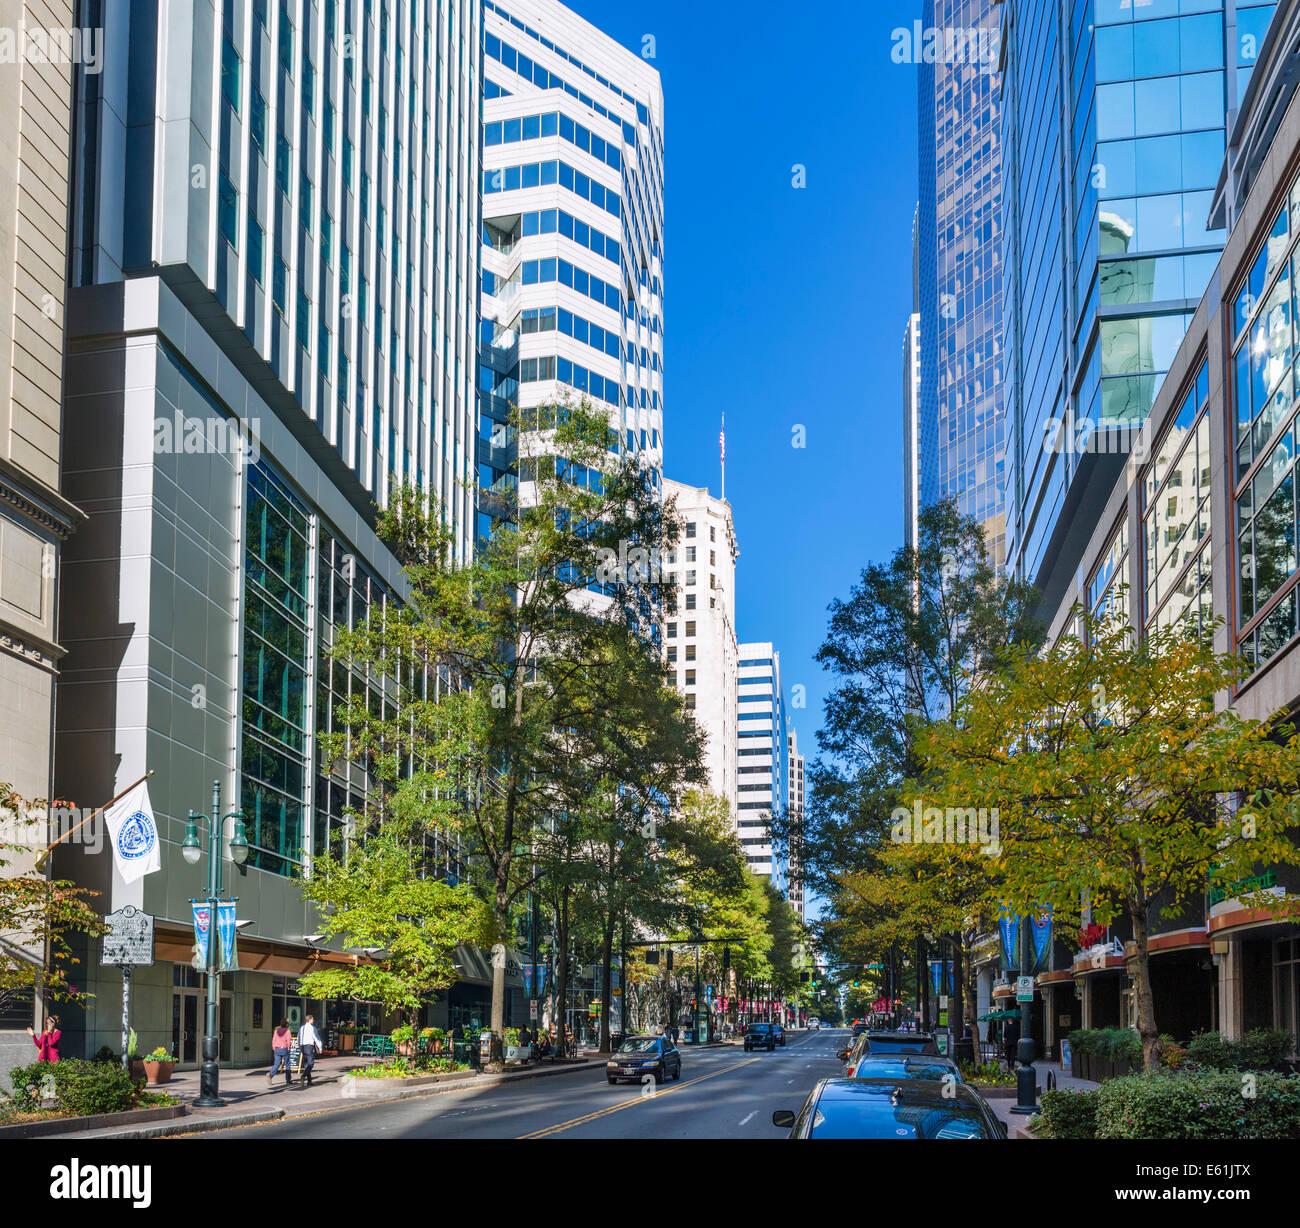 Edifici per uffici su North Tryon Street in uptown Charlotte, North Carolina, STATI UNITI D'AMERICA Immagini Stock